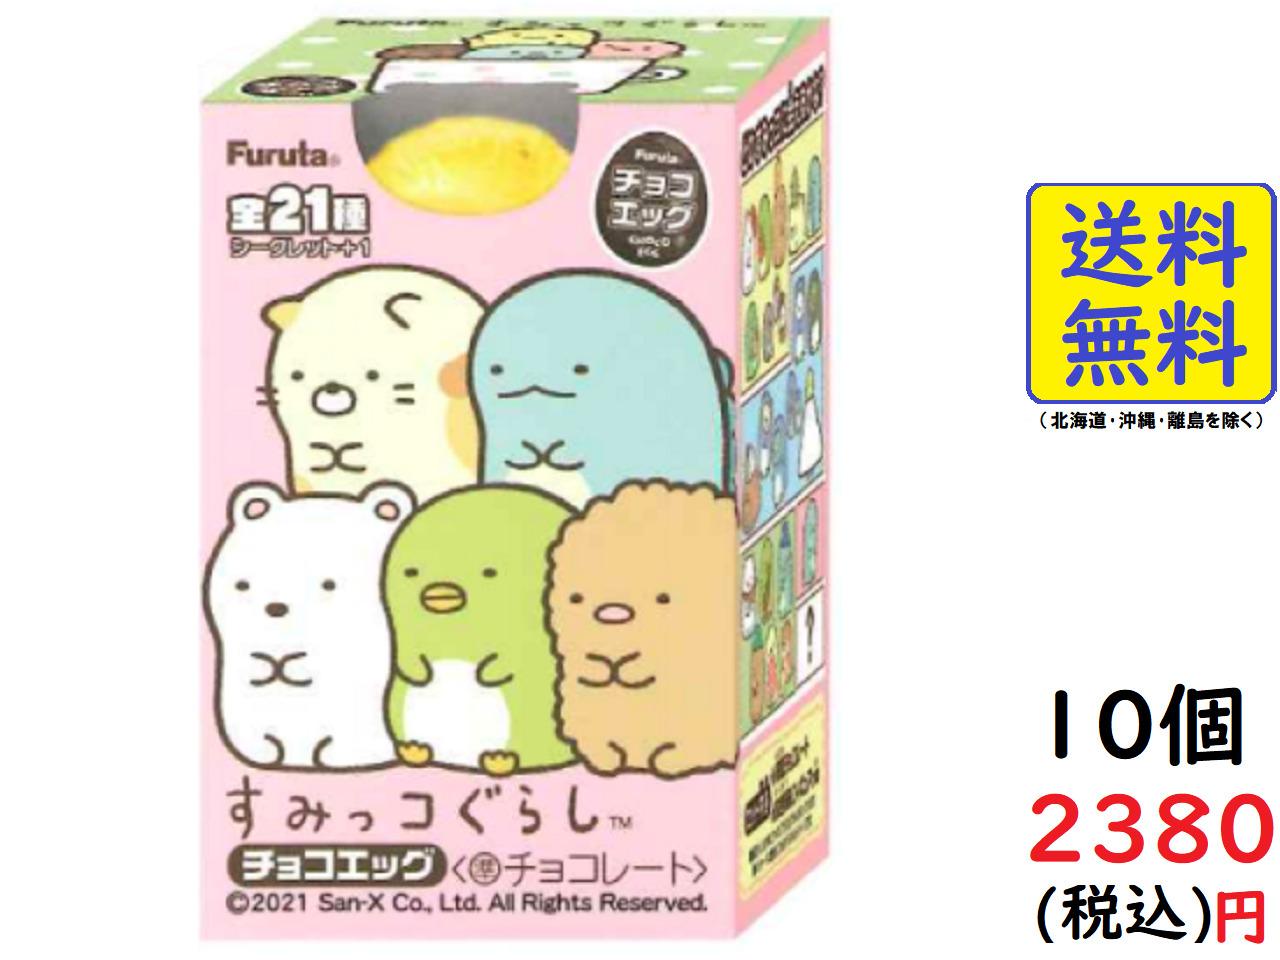 送料無料 フルタ チョコエッグ すみっコぐらし 25発売予定 10 激安超特価 10個入りBOX2021 定番から日本未入荷